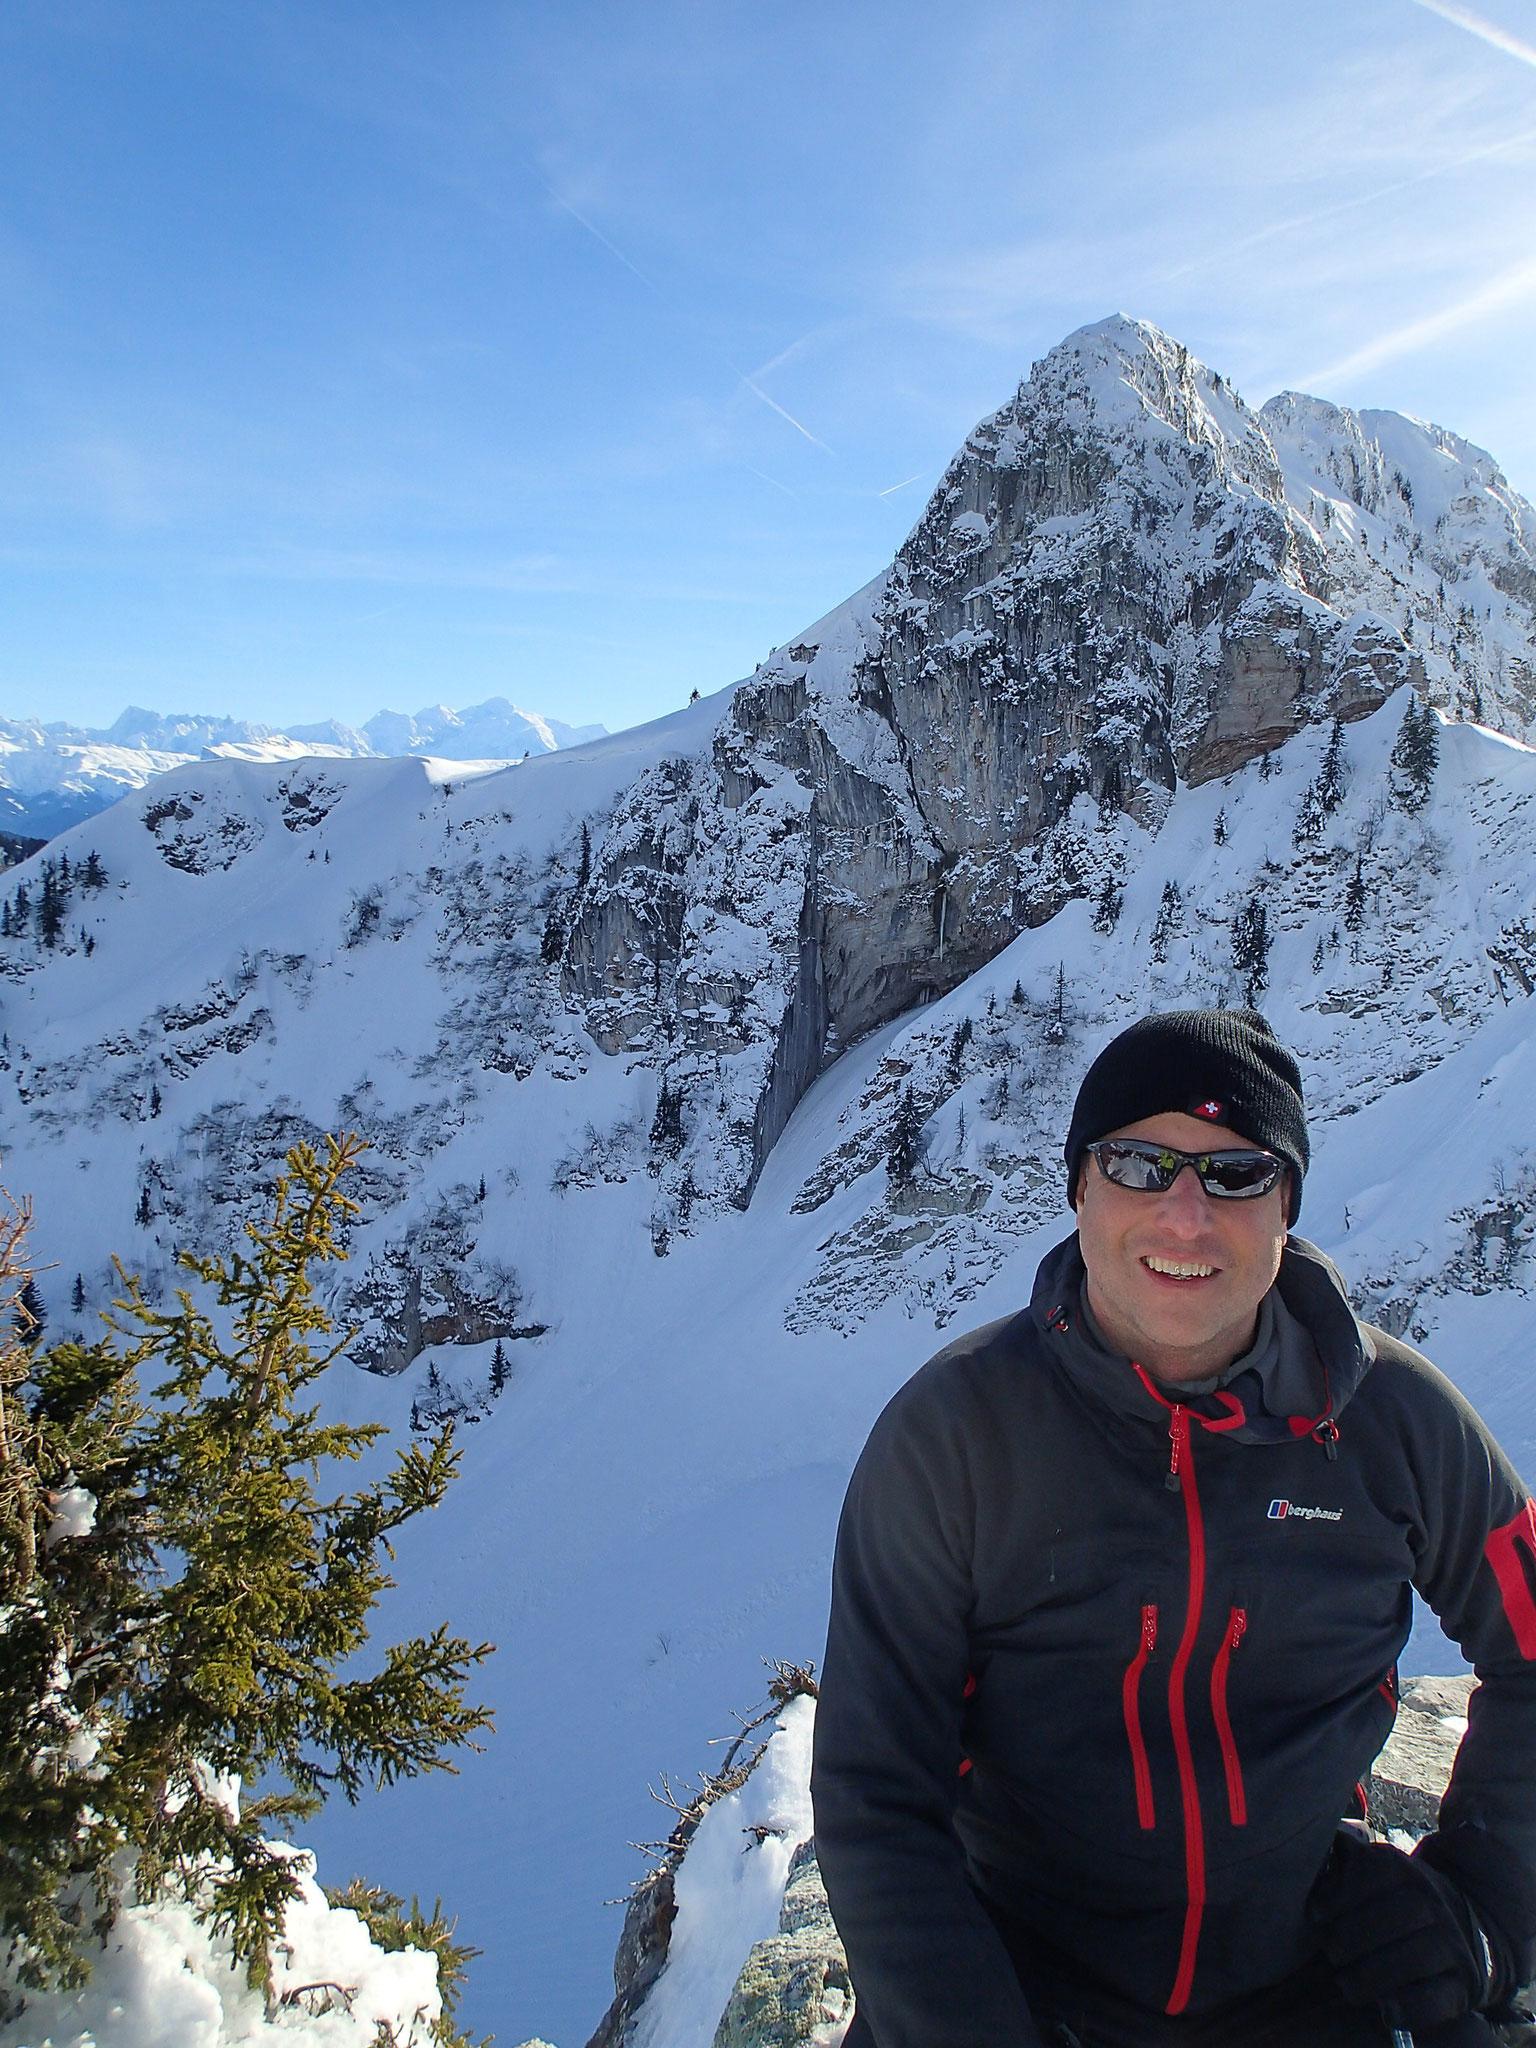 Richard au sommet de la Pointe avec vue Mt-Blanc